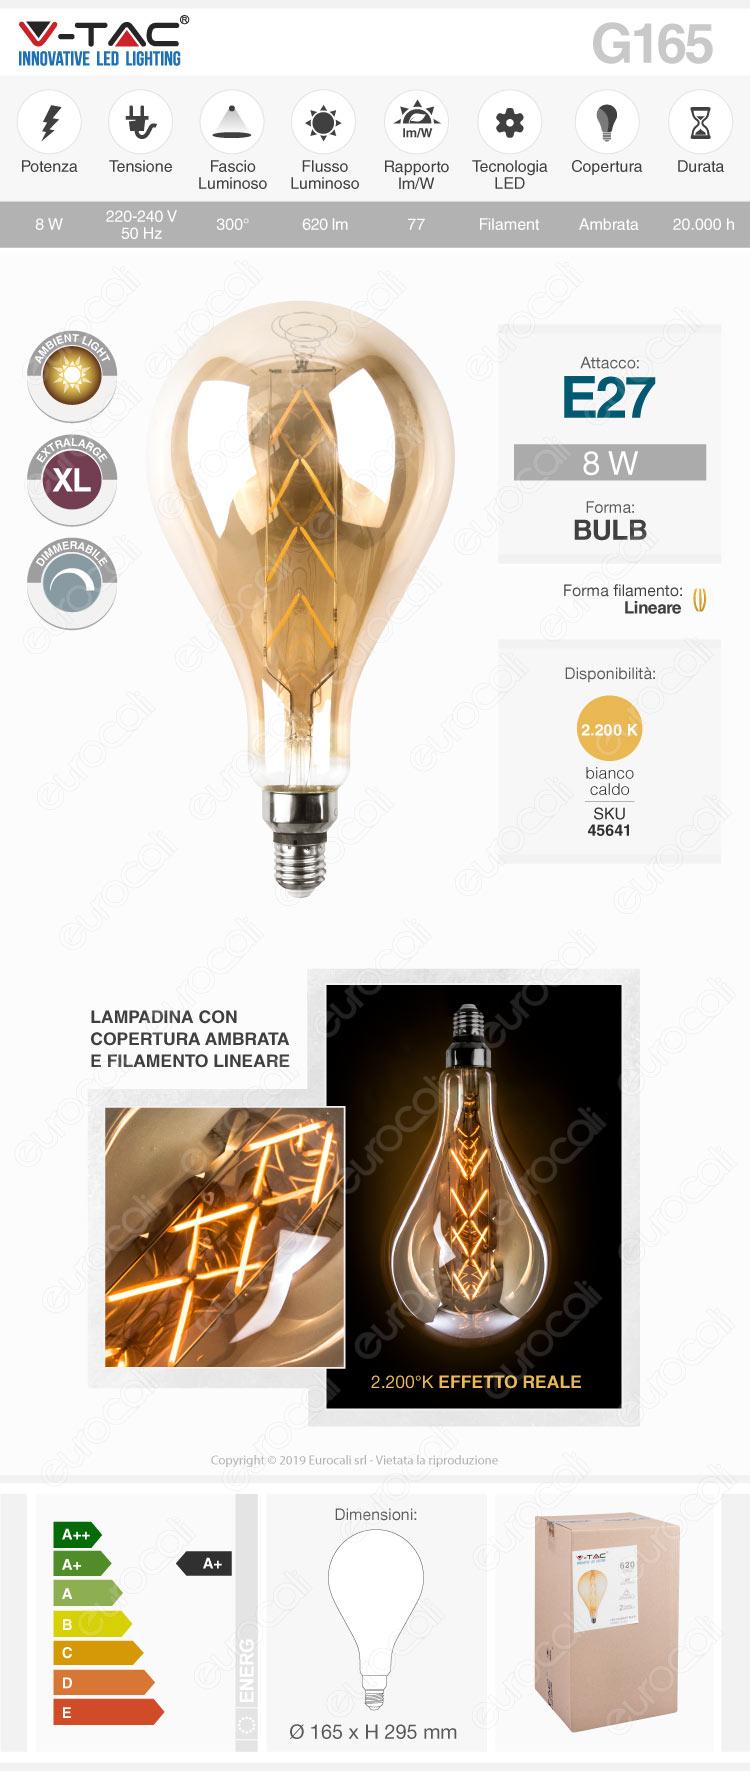 V-Tac VT-2159 Lampadina E27 Filamento LED Lineare 8W Bulb G165 con Vetro Ambrato Dimmerabile